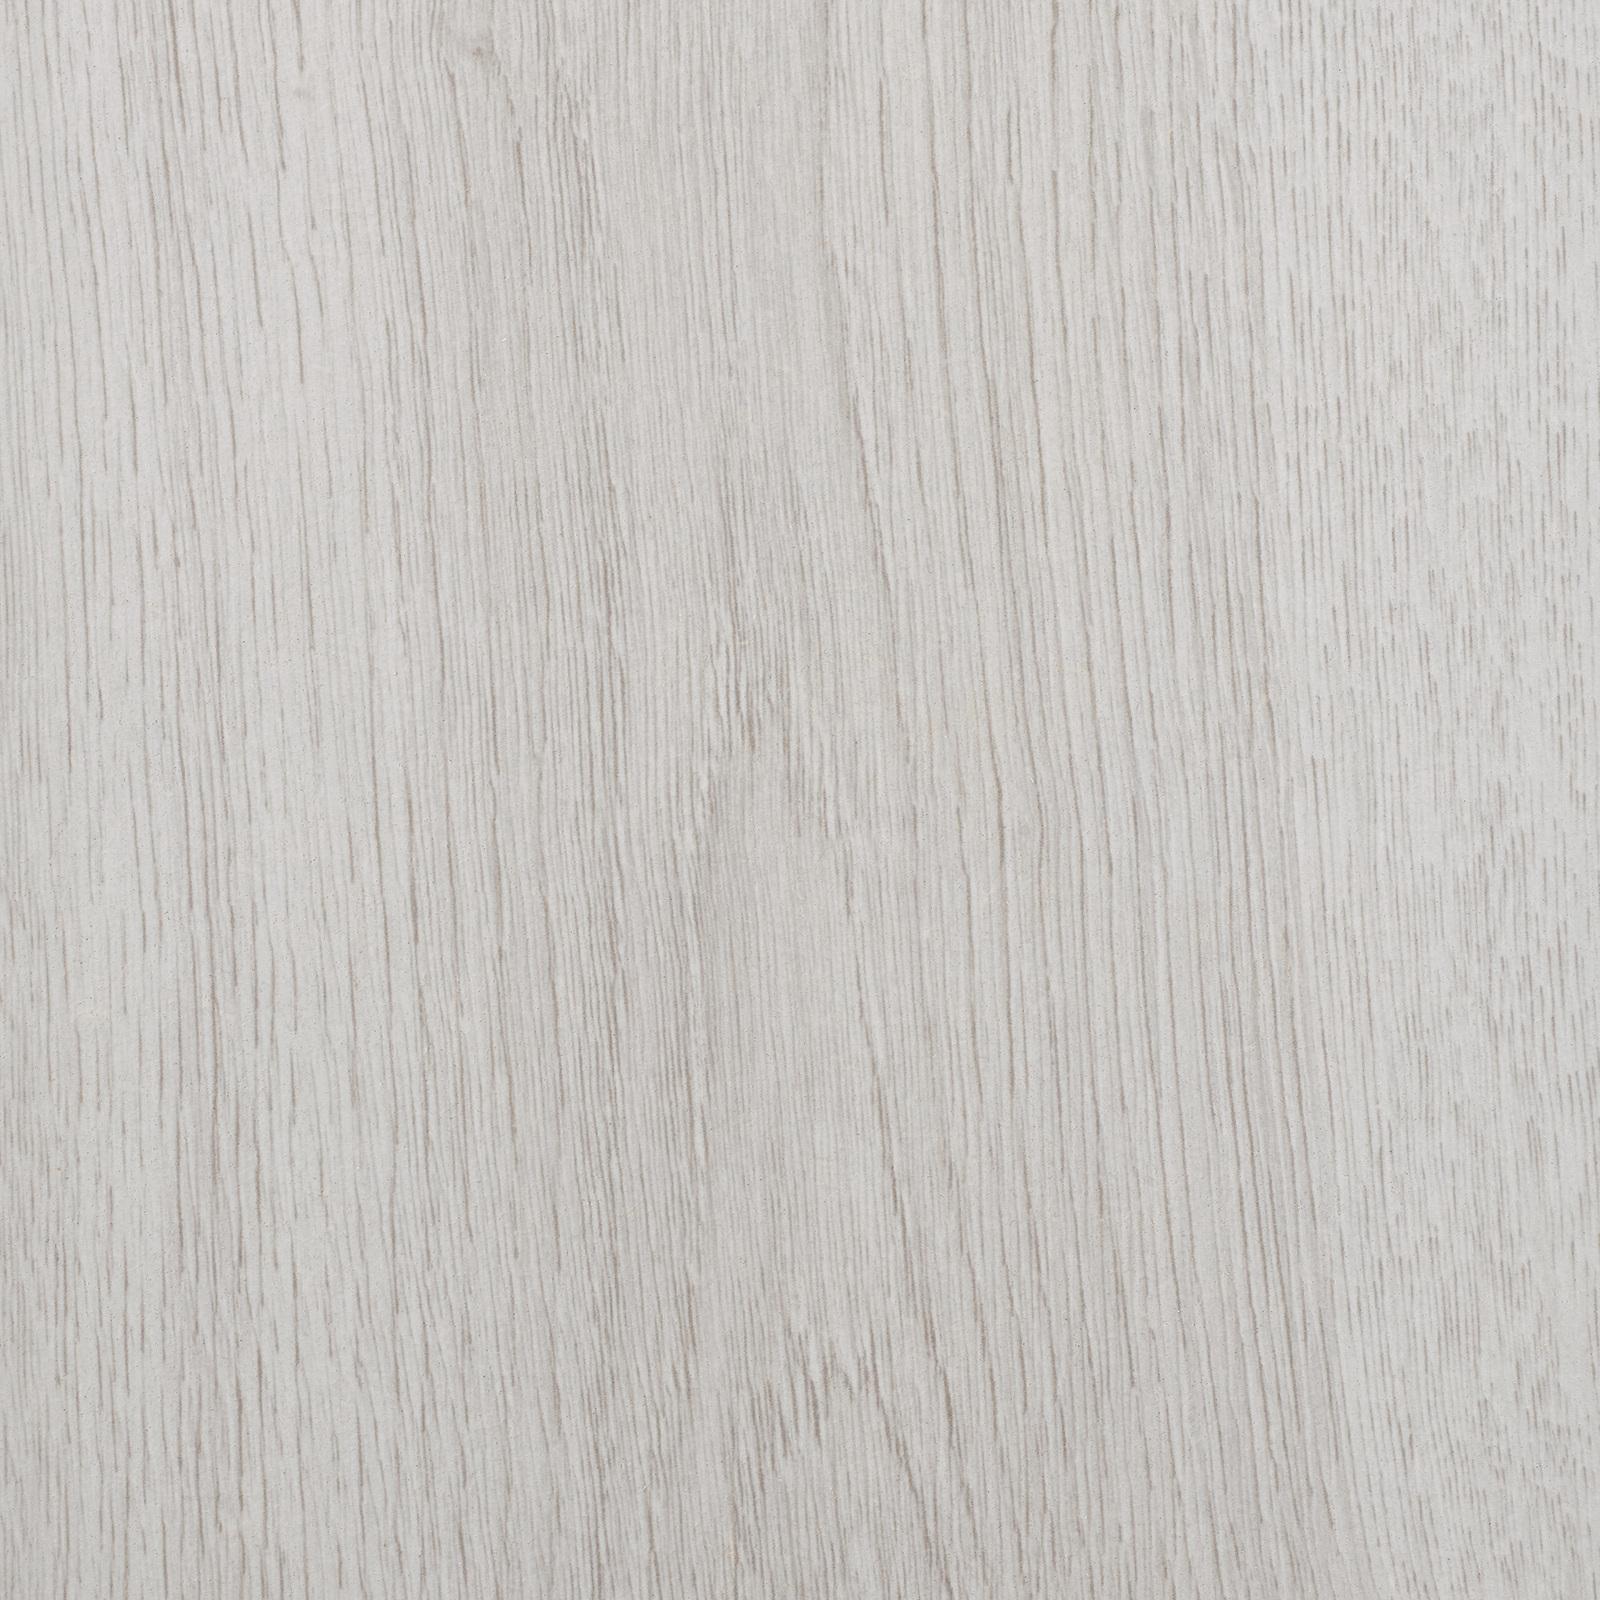 BASIC Laminat Trend Eiche Weiß 1-Stab